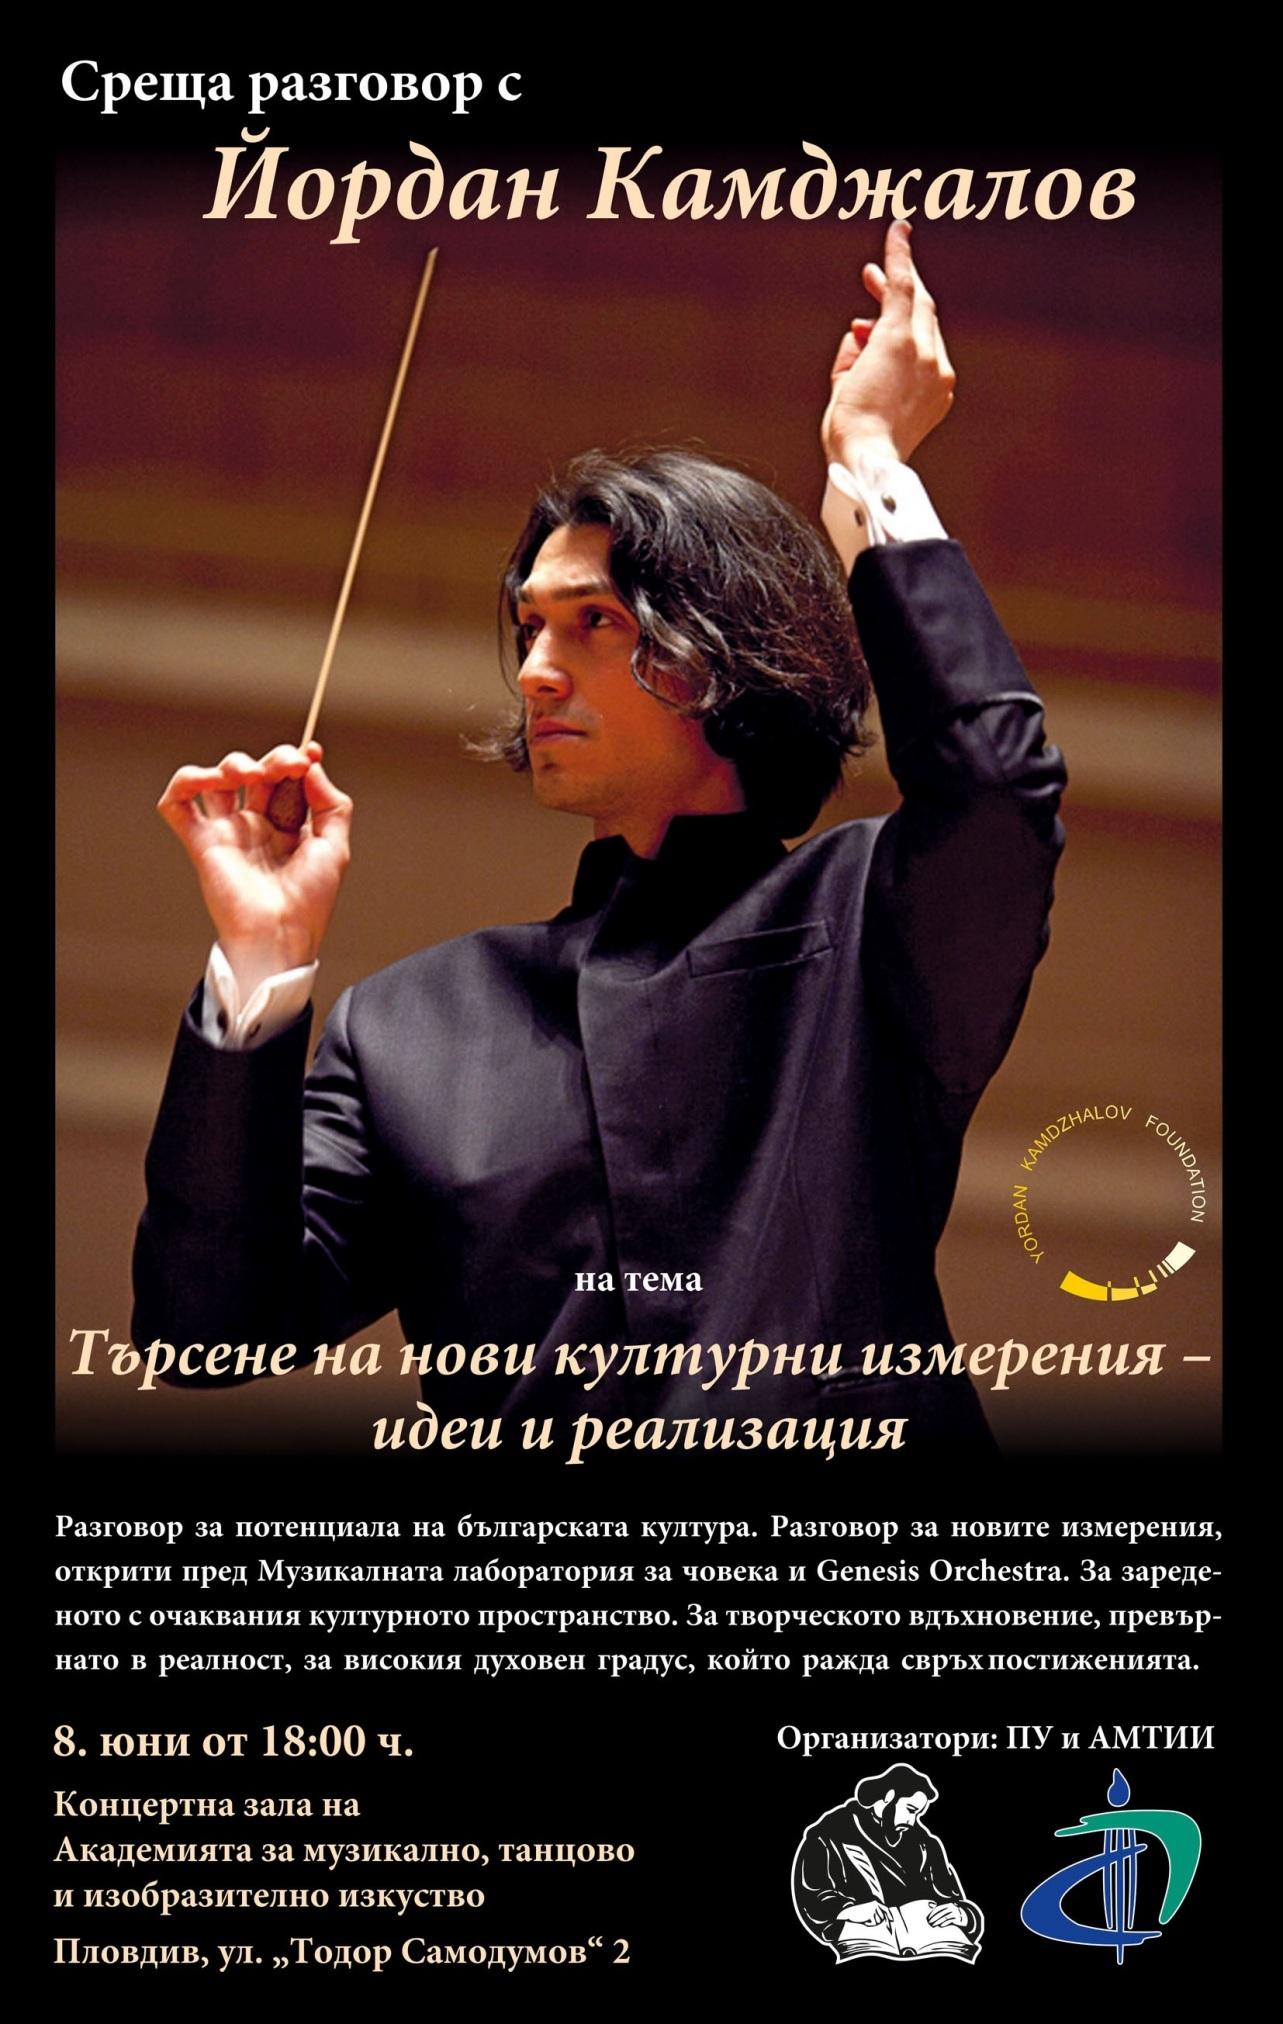 Plakat_YKamdzhalov_Plovdiv